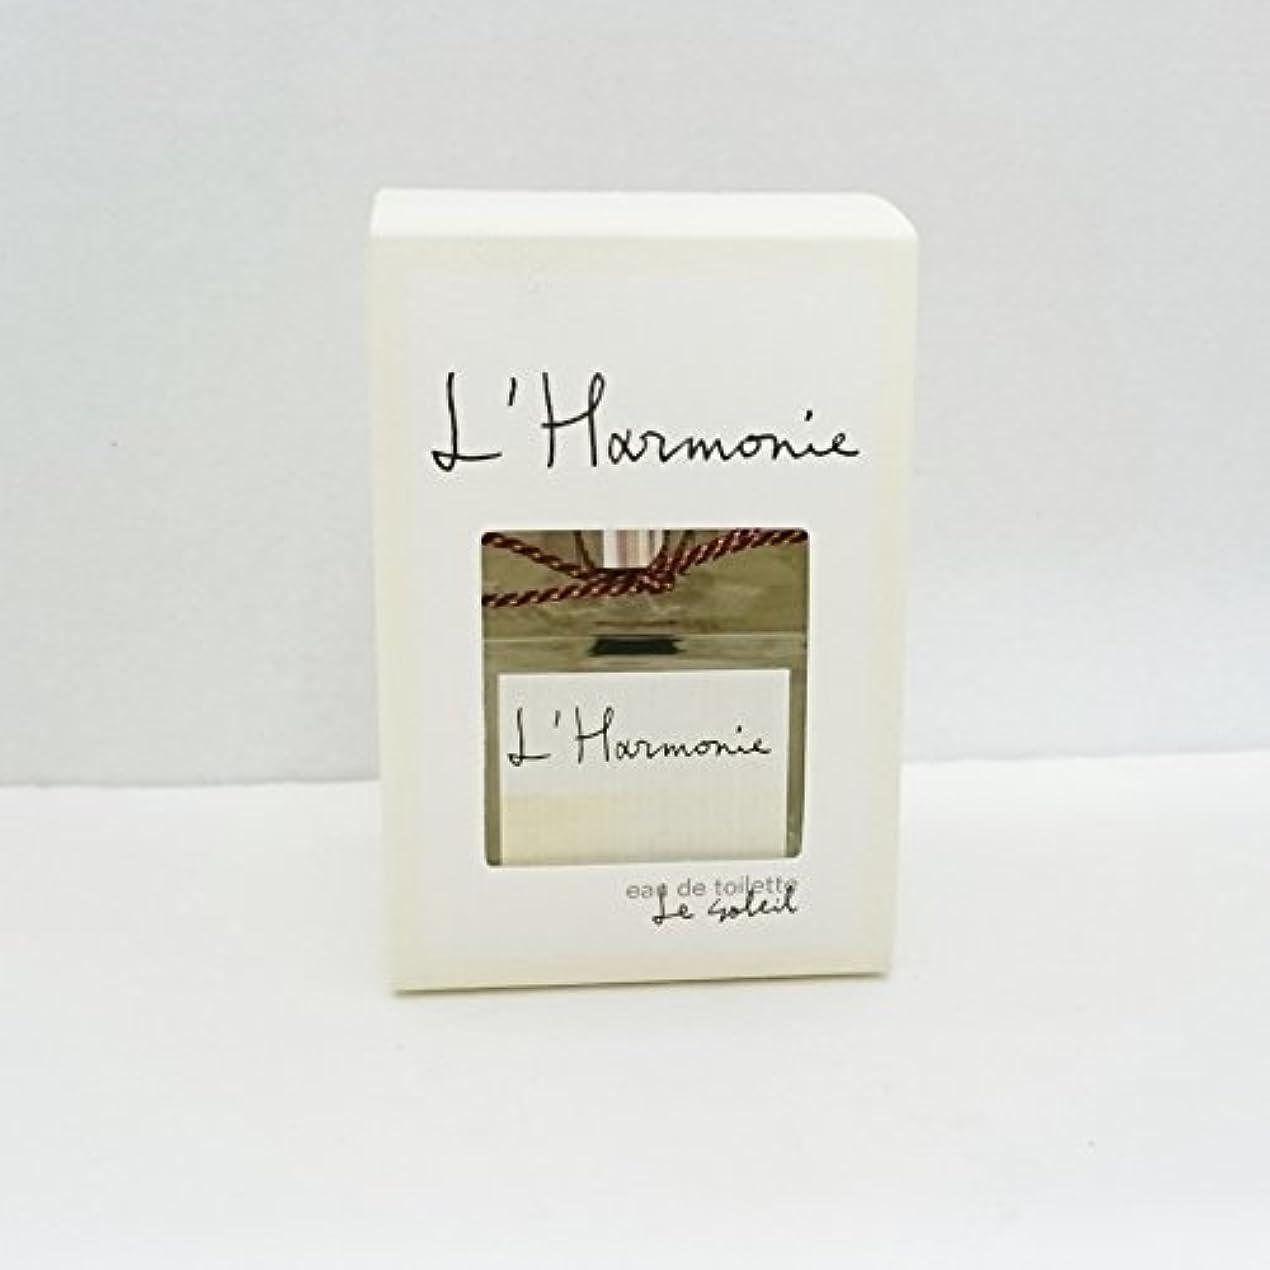 巧みな挑むヒゲLothantique(ロタンティック) L' Harmonie(アルモニ) オードトワレ 50ml 「Le soleil(ソレイユ)」 4994228024572